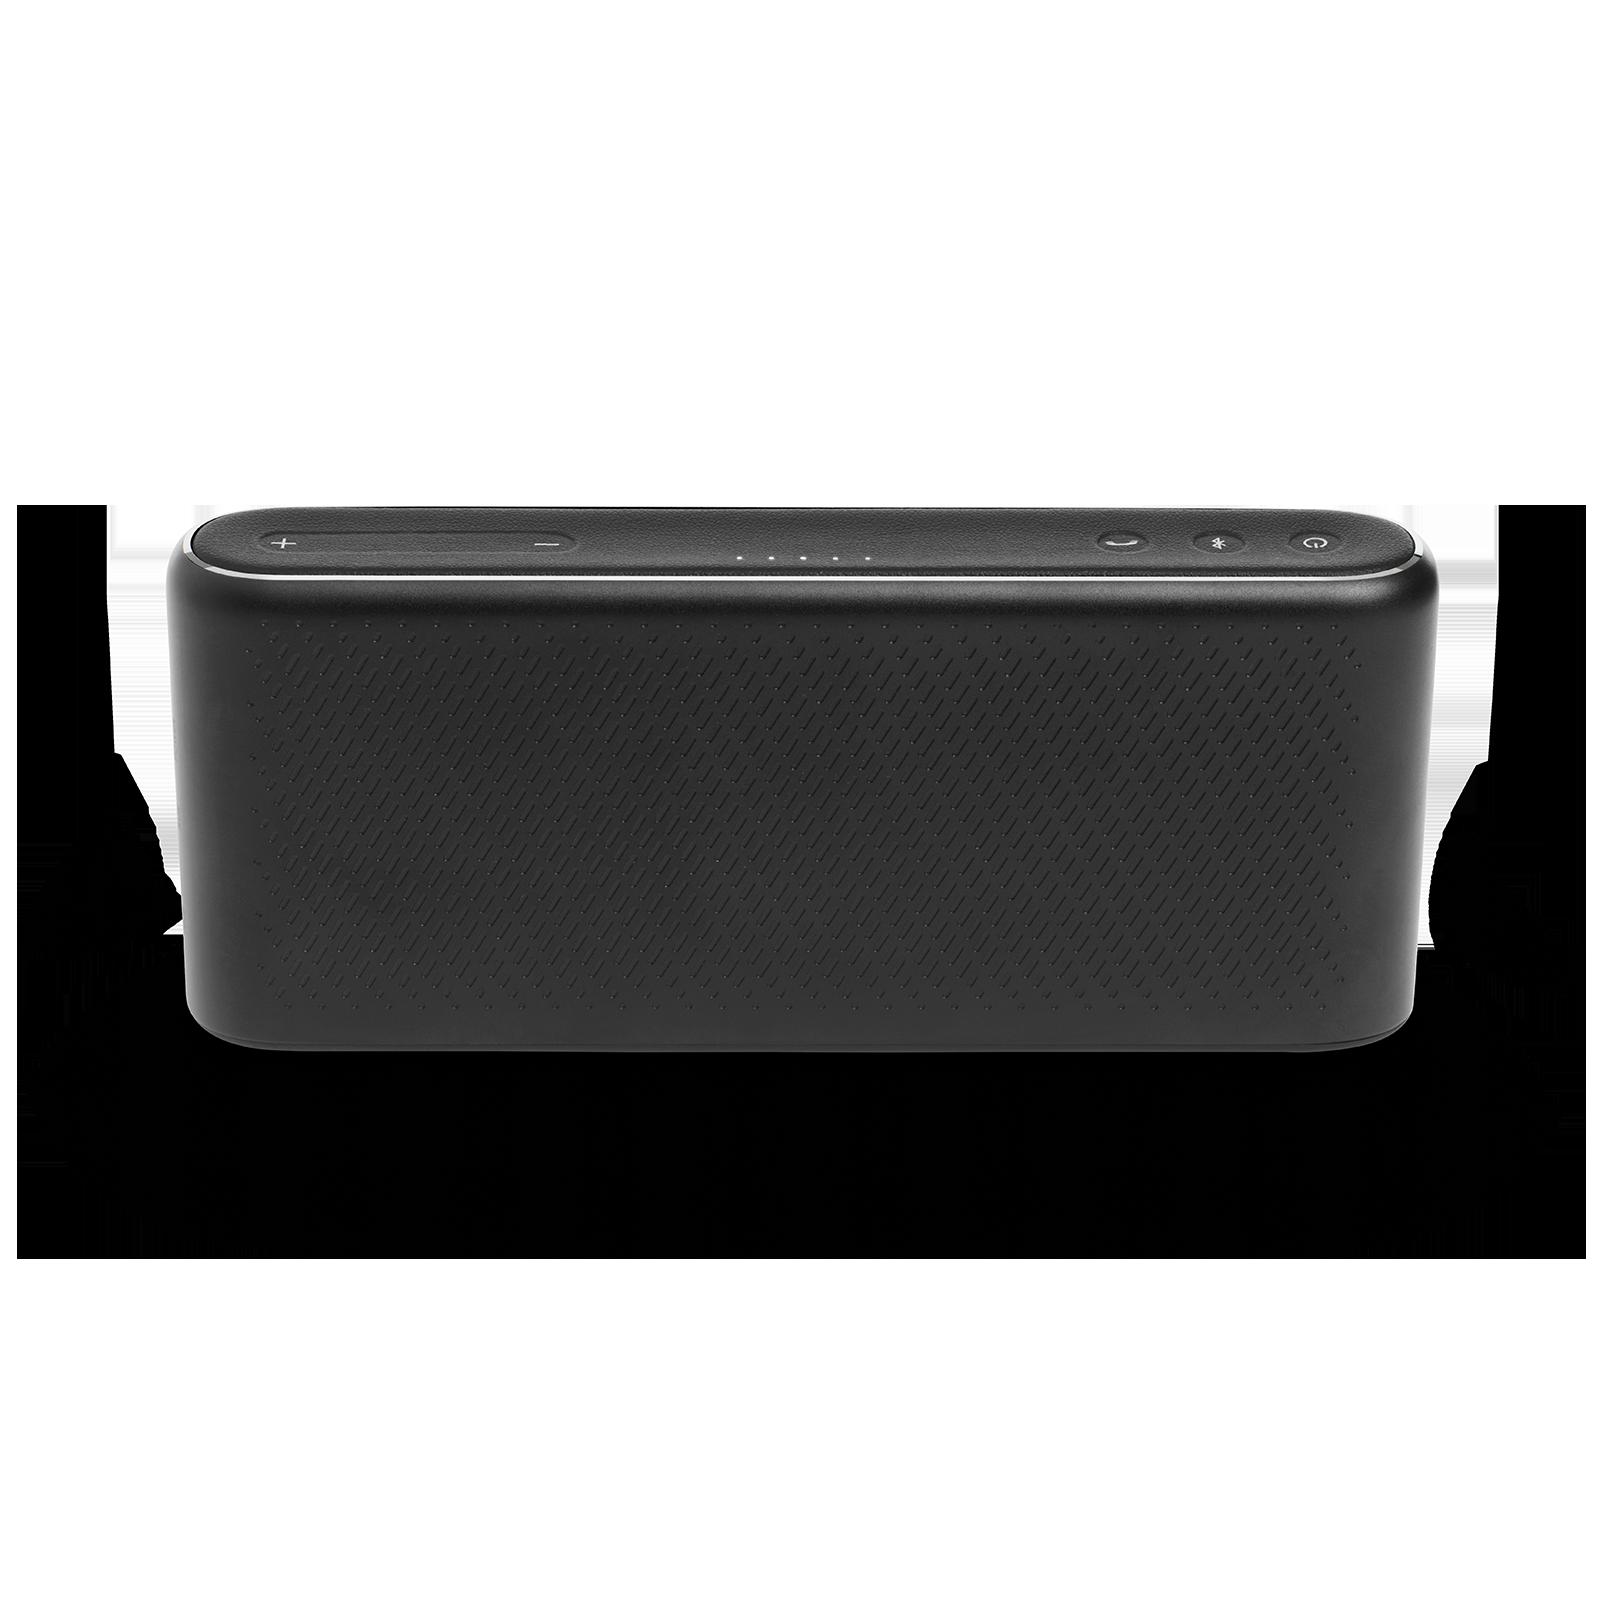 Traveler - Black - All-in-one travel speaker - Back